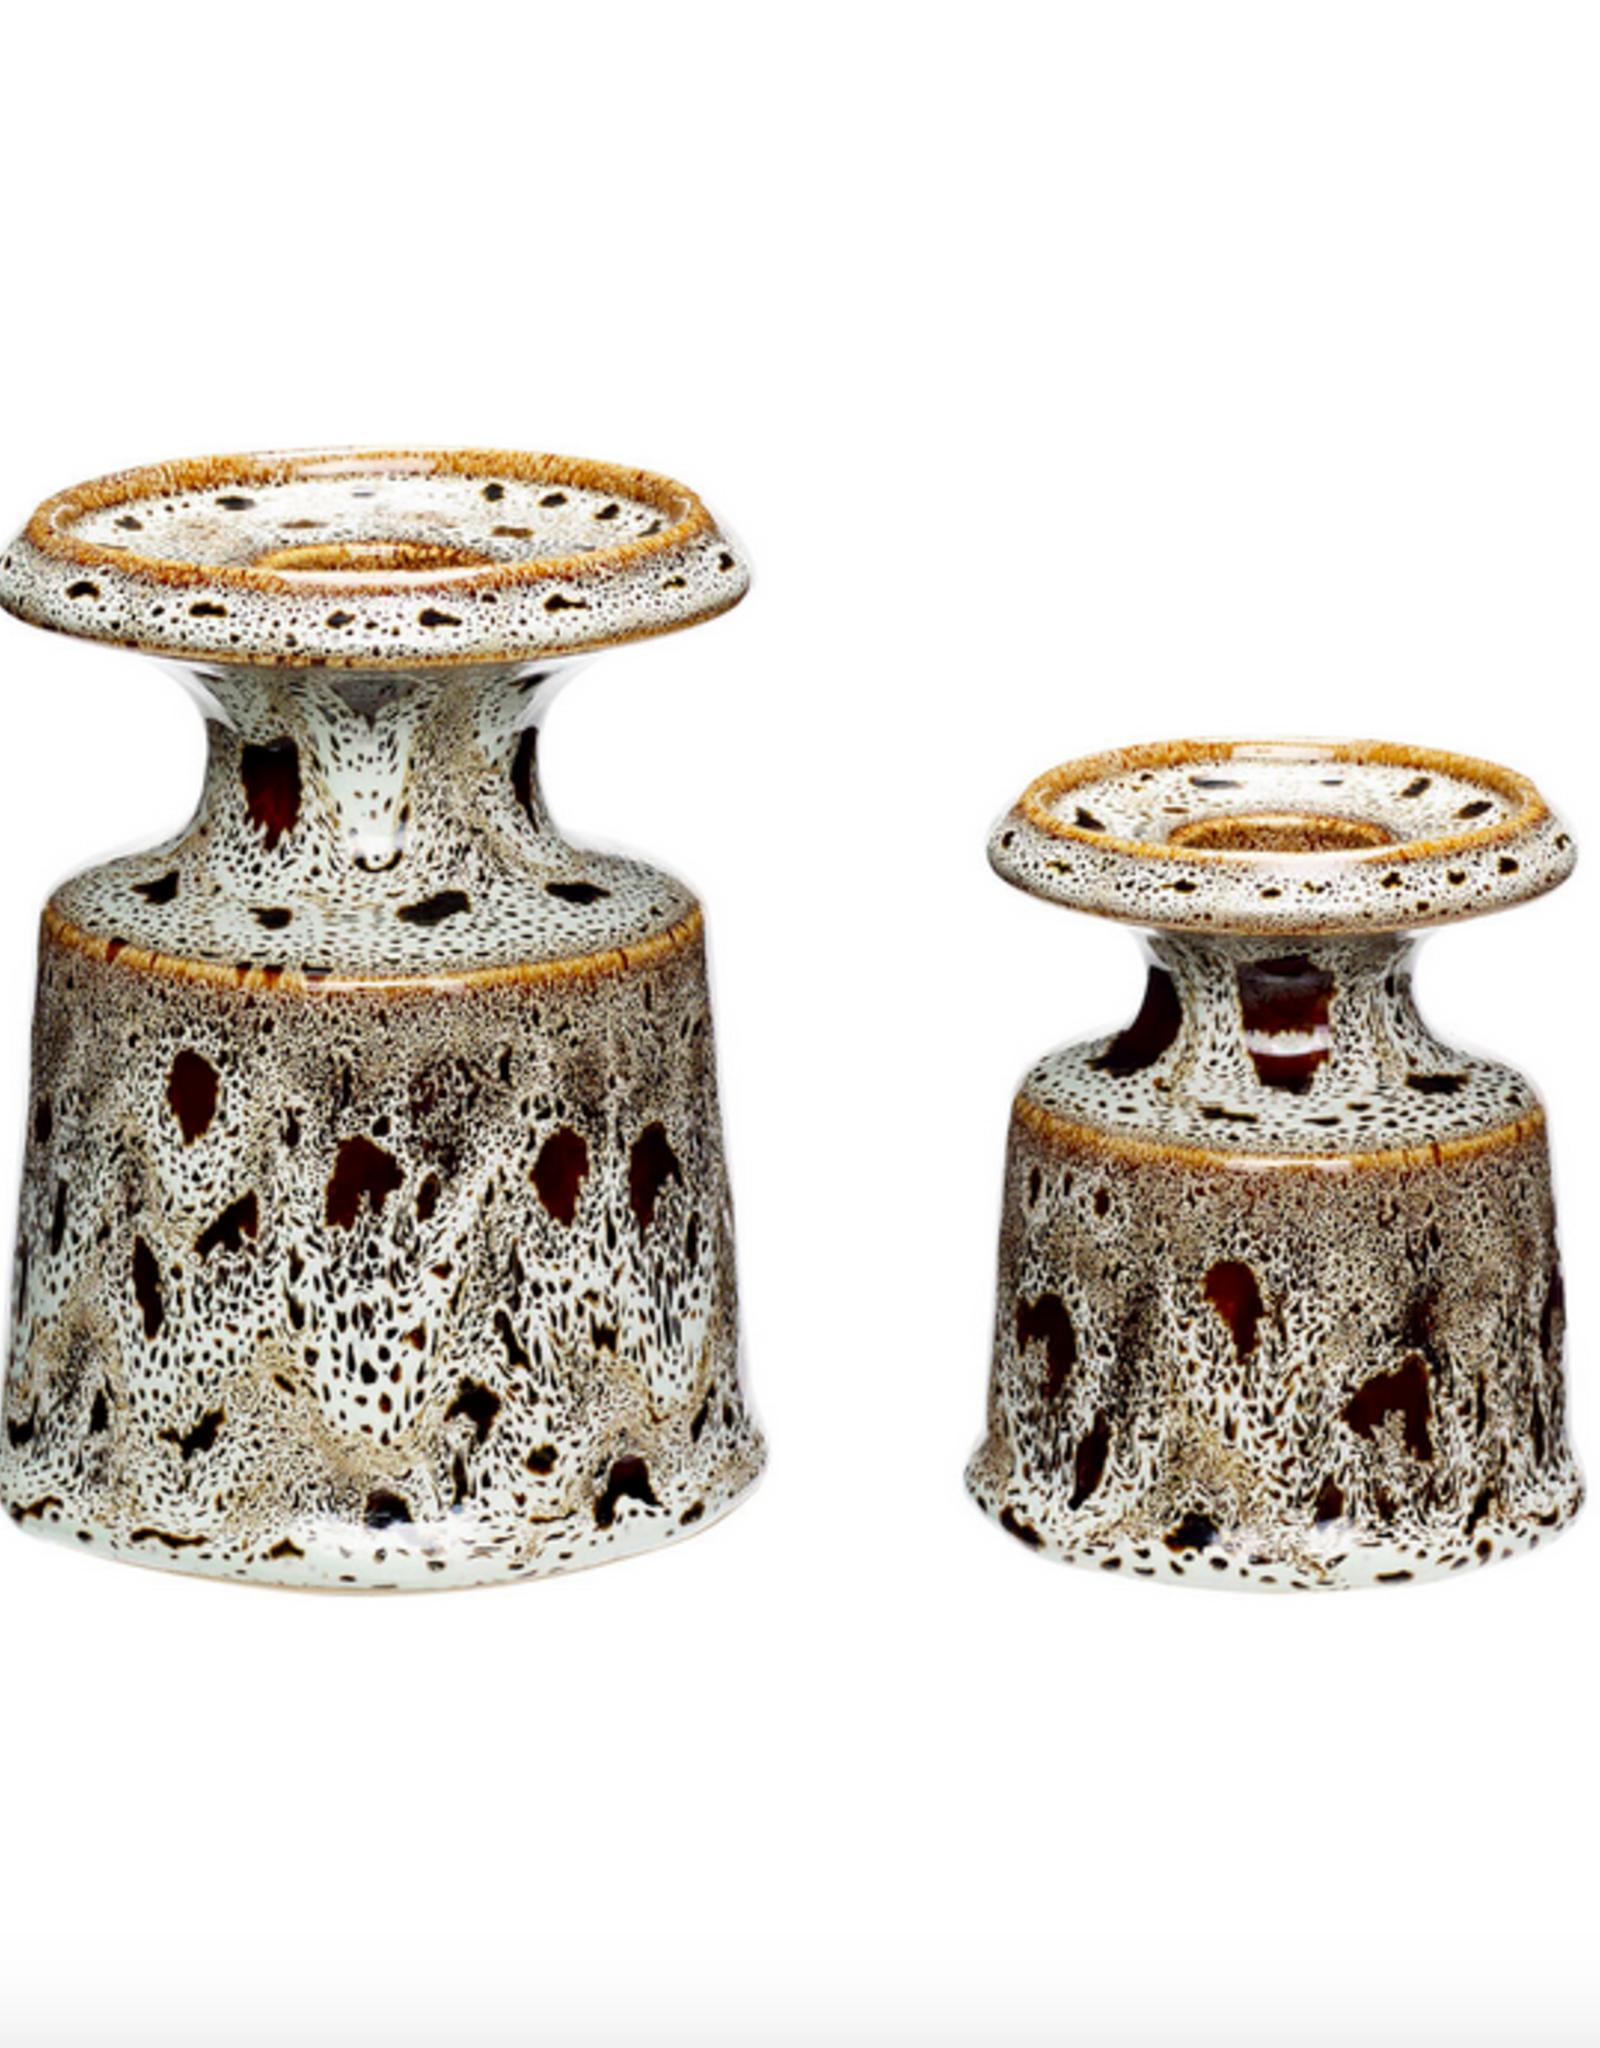 Hübsch Candlesticks (set of 2)